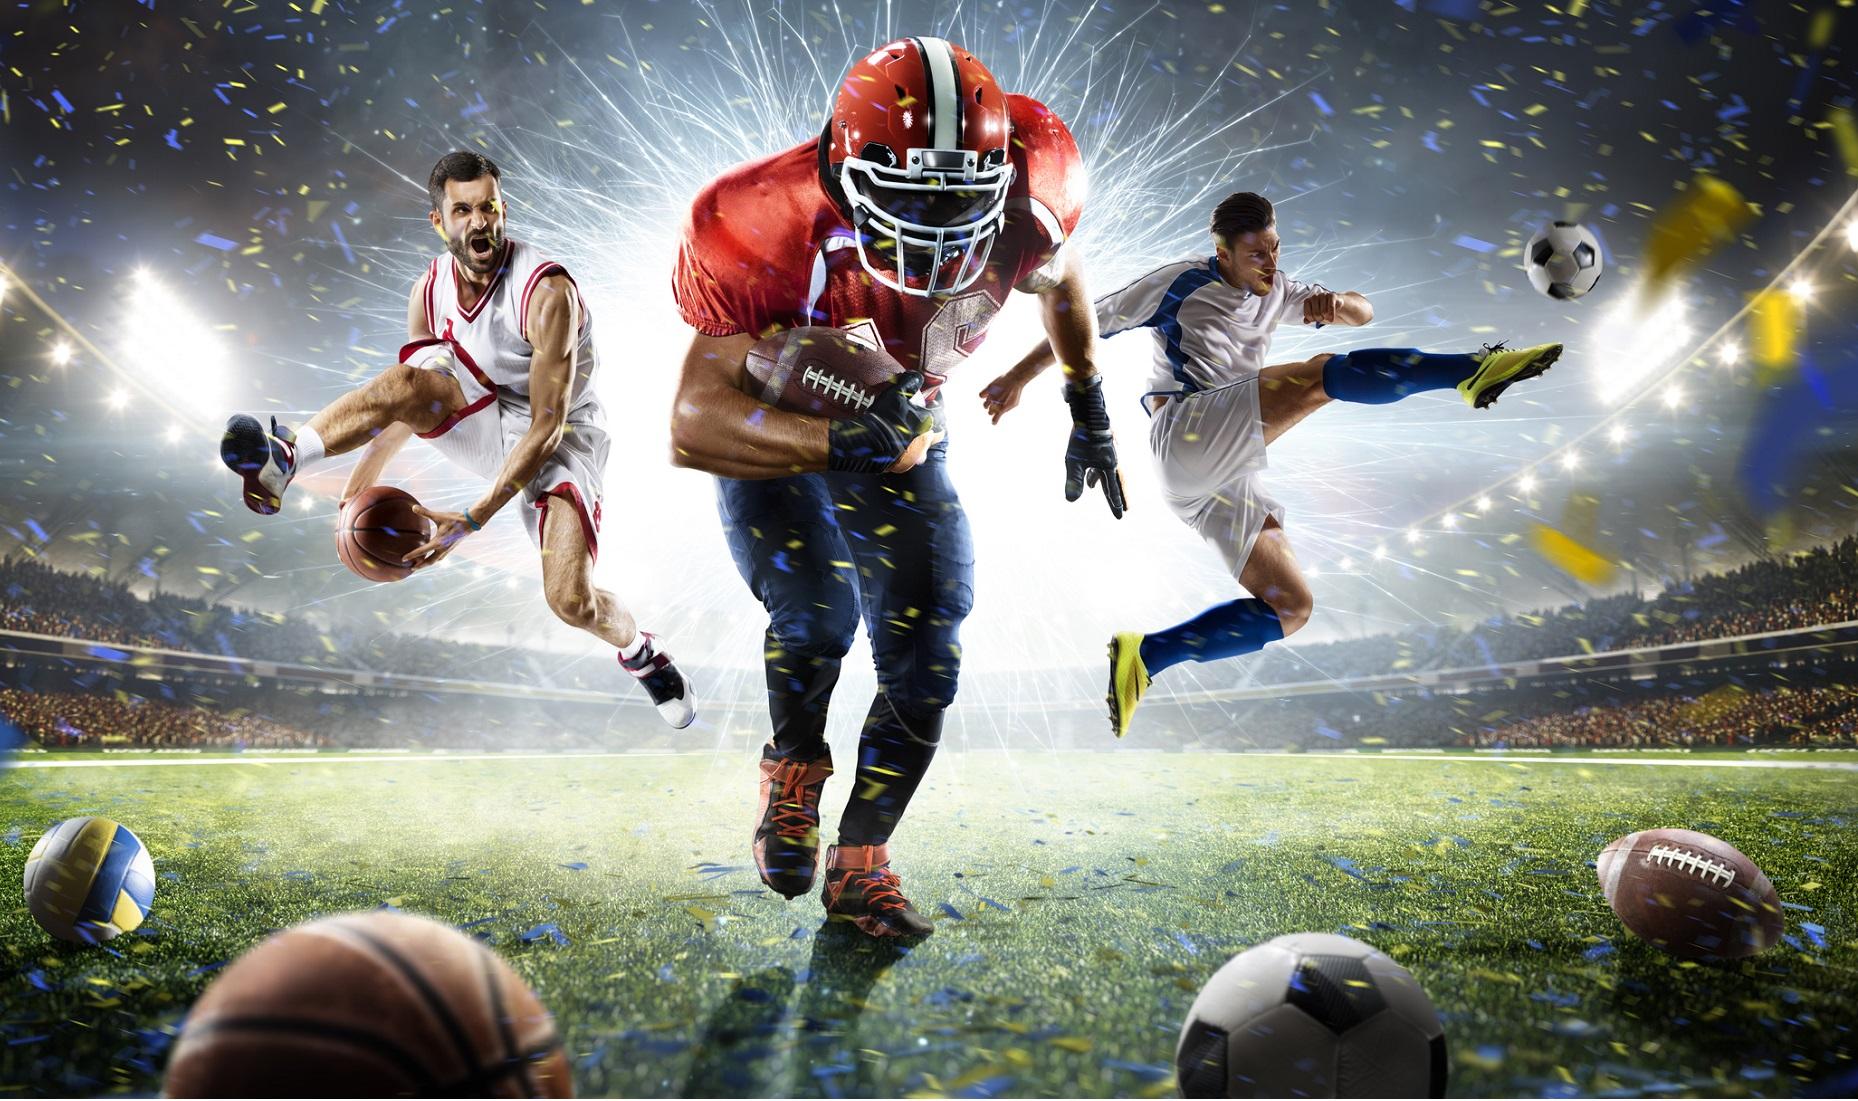 Compras en línea de productos deportivos